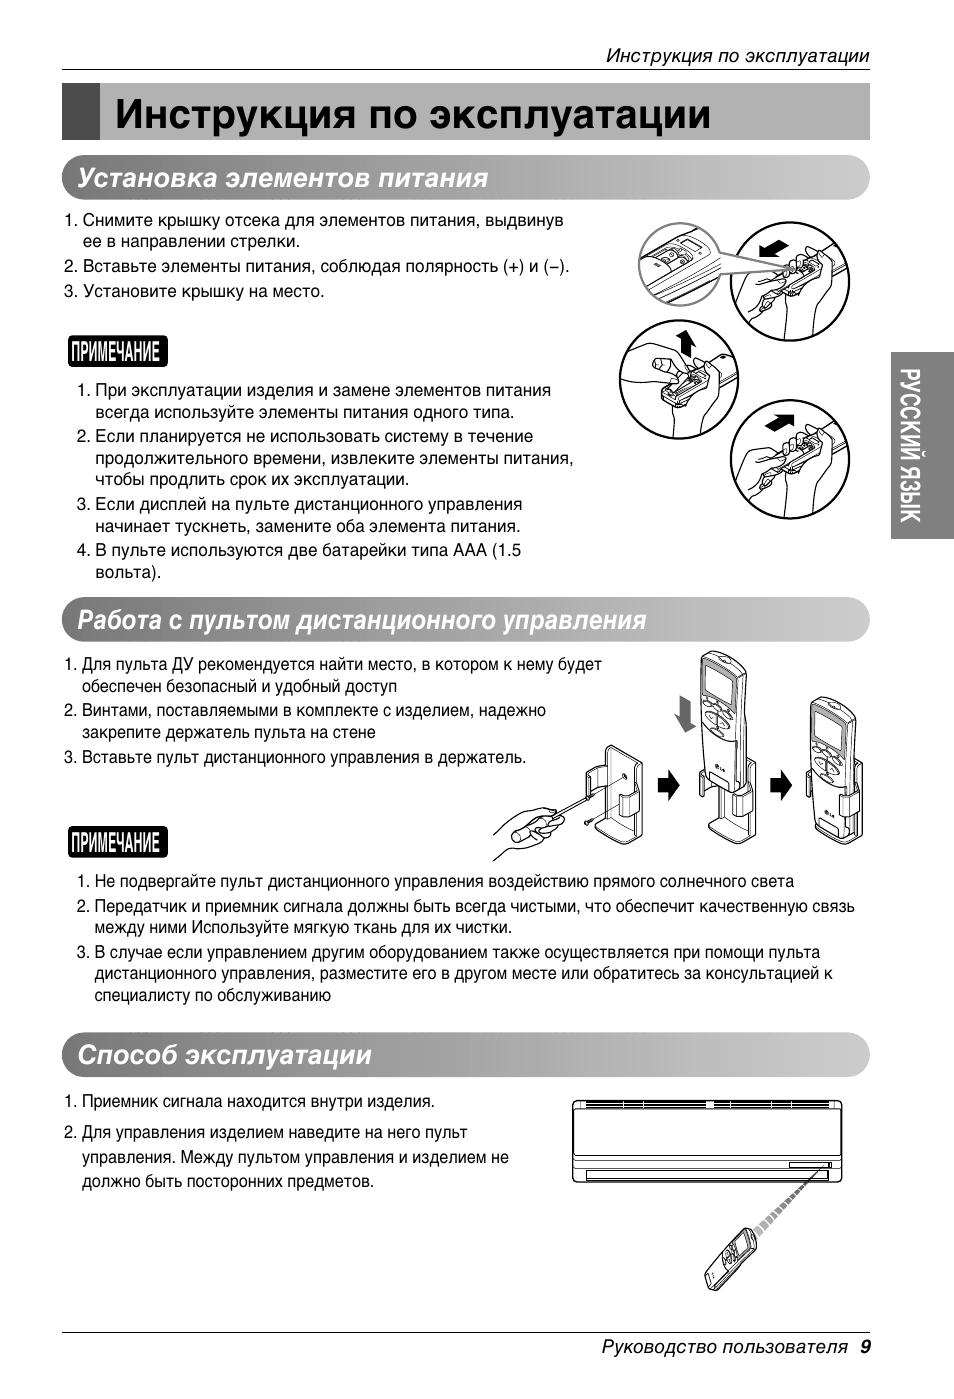 инструкция эксплуатации презервативов